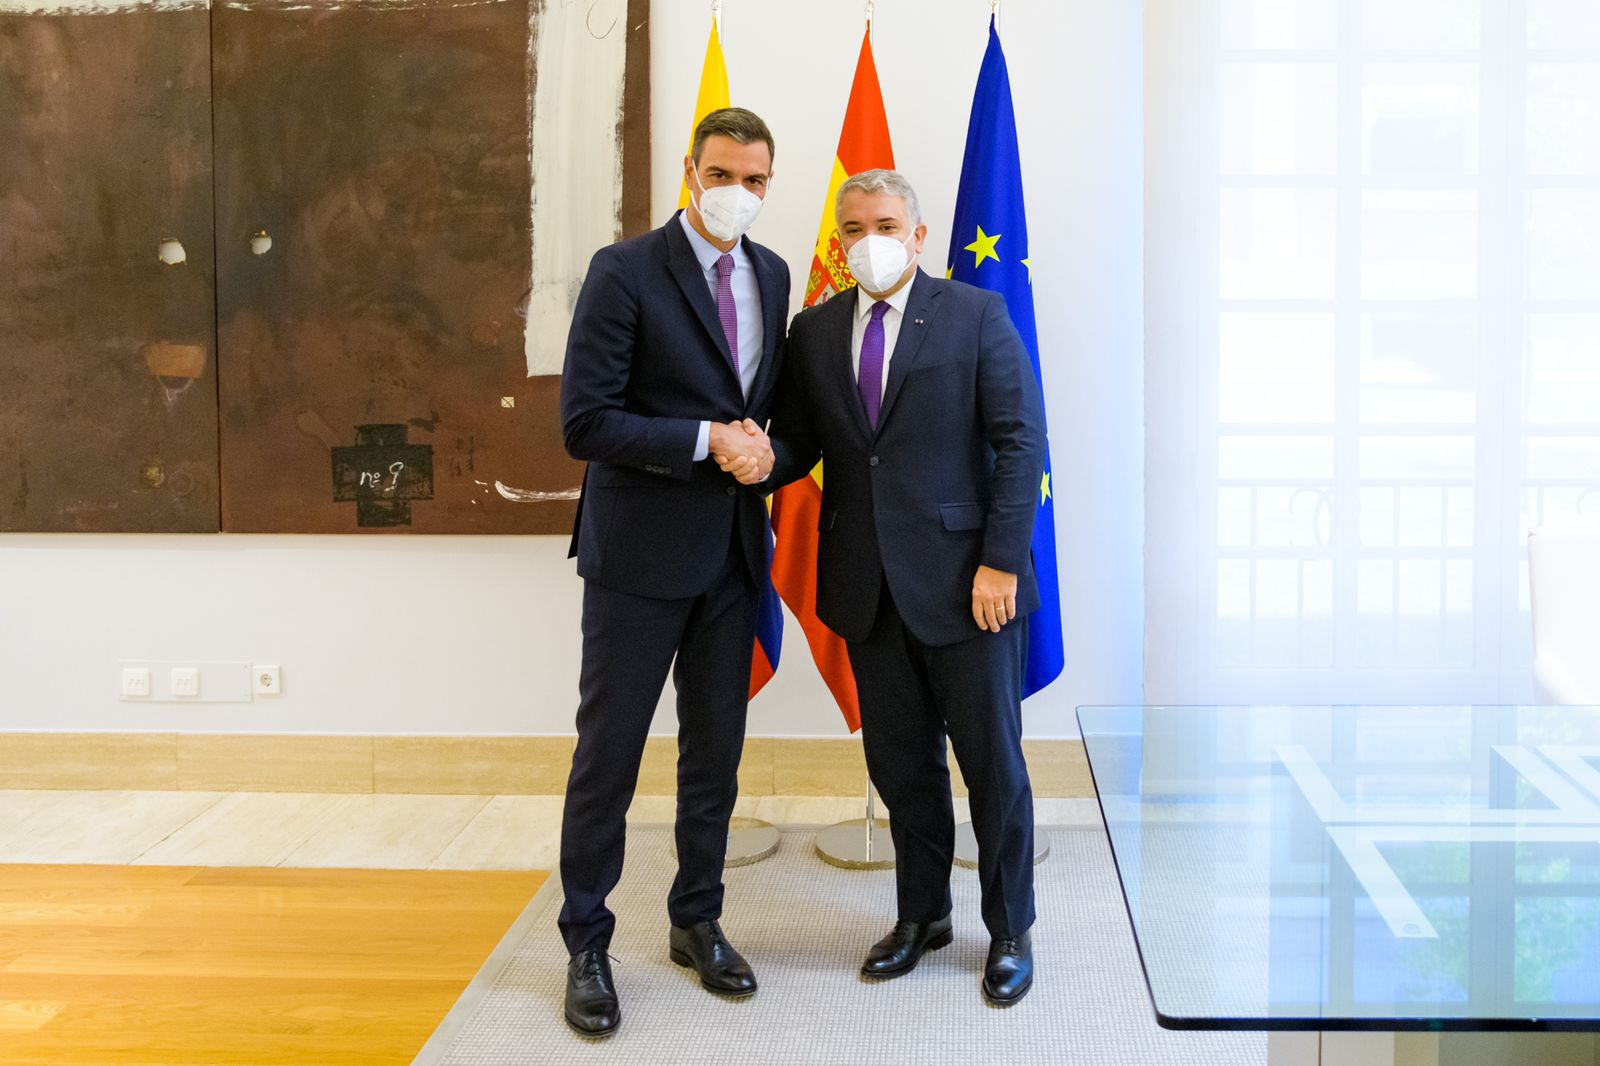 Presidente @IvanDuque se reunió este jueves con el Rey Felipe VI de España